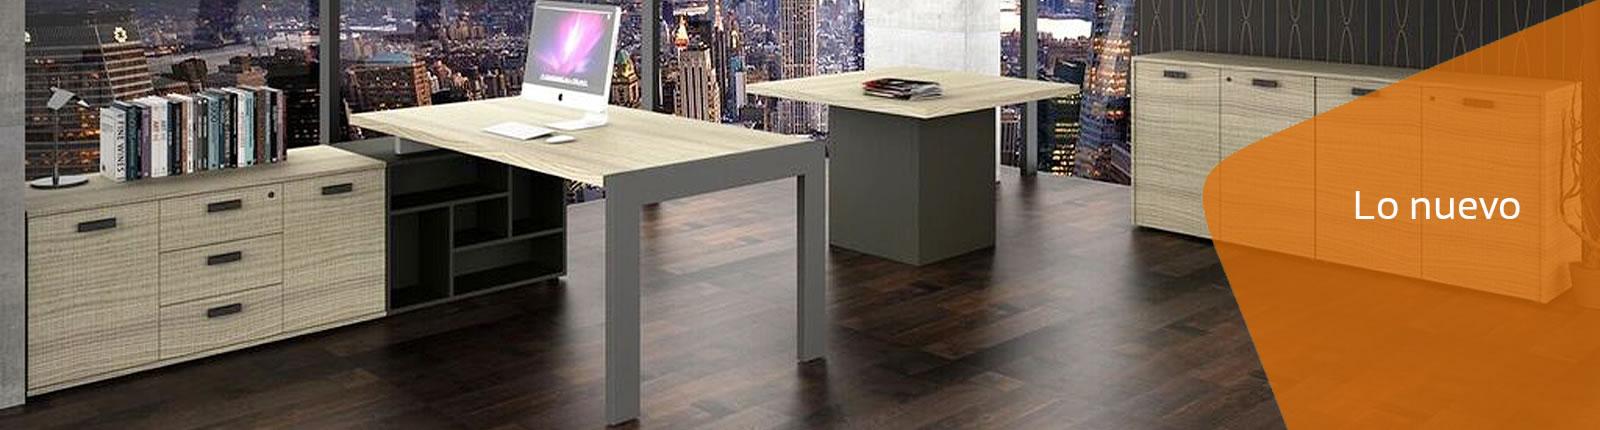 Muebles para oficinas en quer taro muebles de oficina for Muebles de oficina 2016